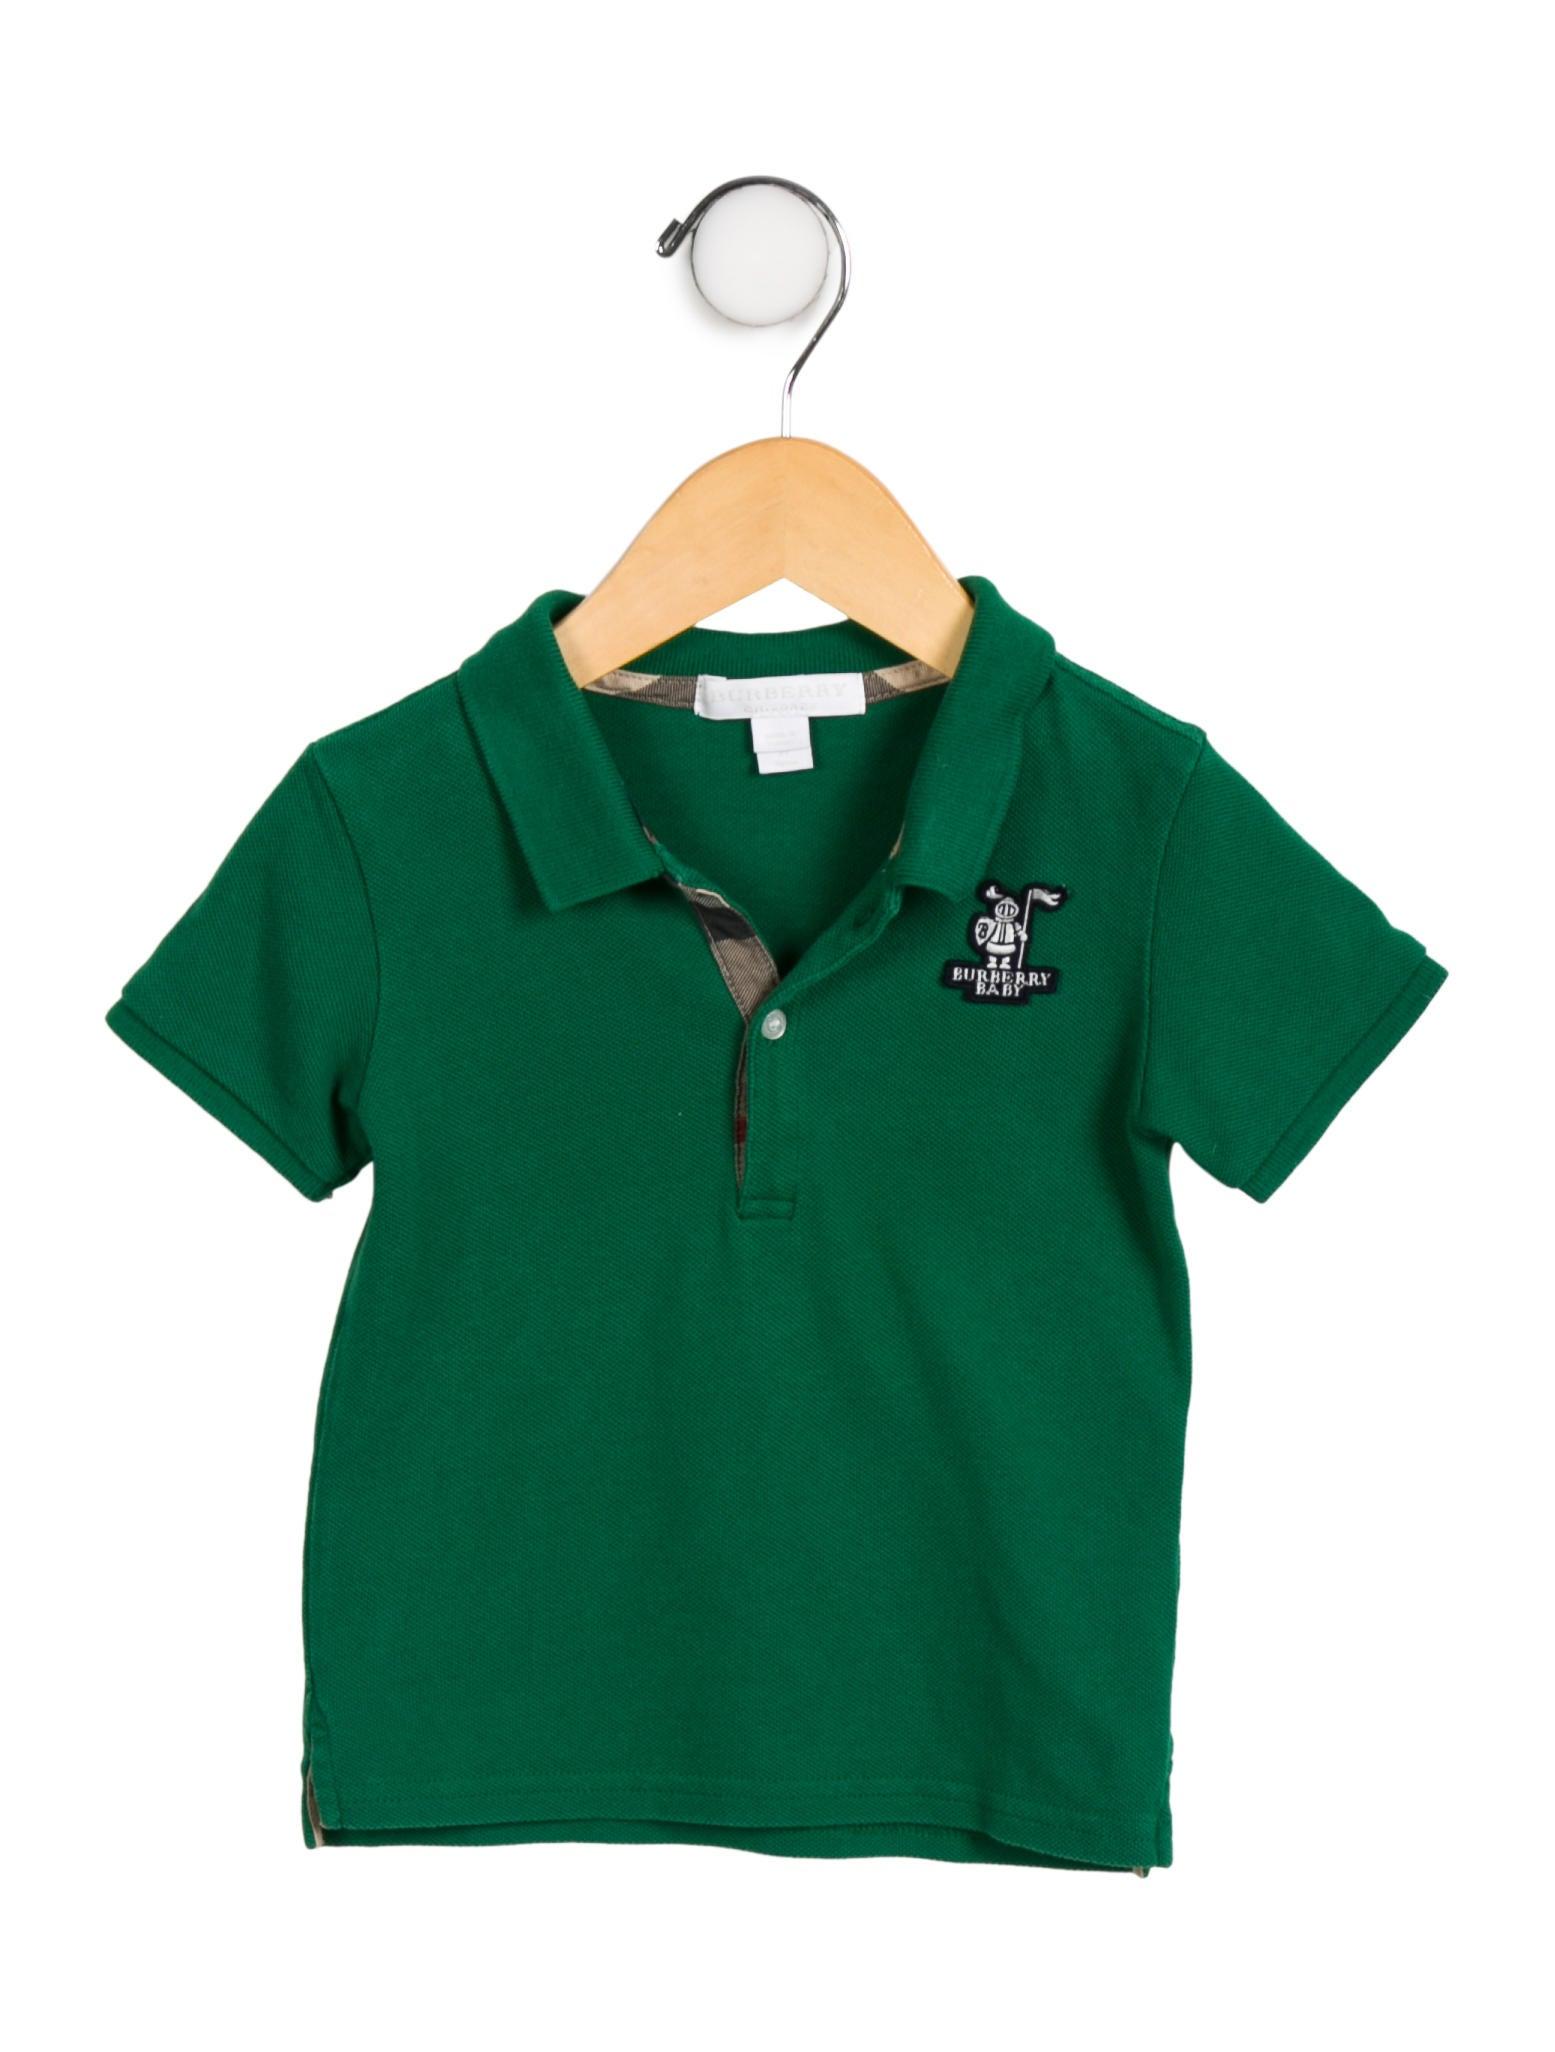 9a2cad4d5 Burberry Boys  House Check-Trimmed Polo Shirt - Boys - BUR96015 ...